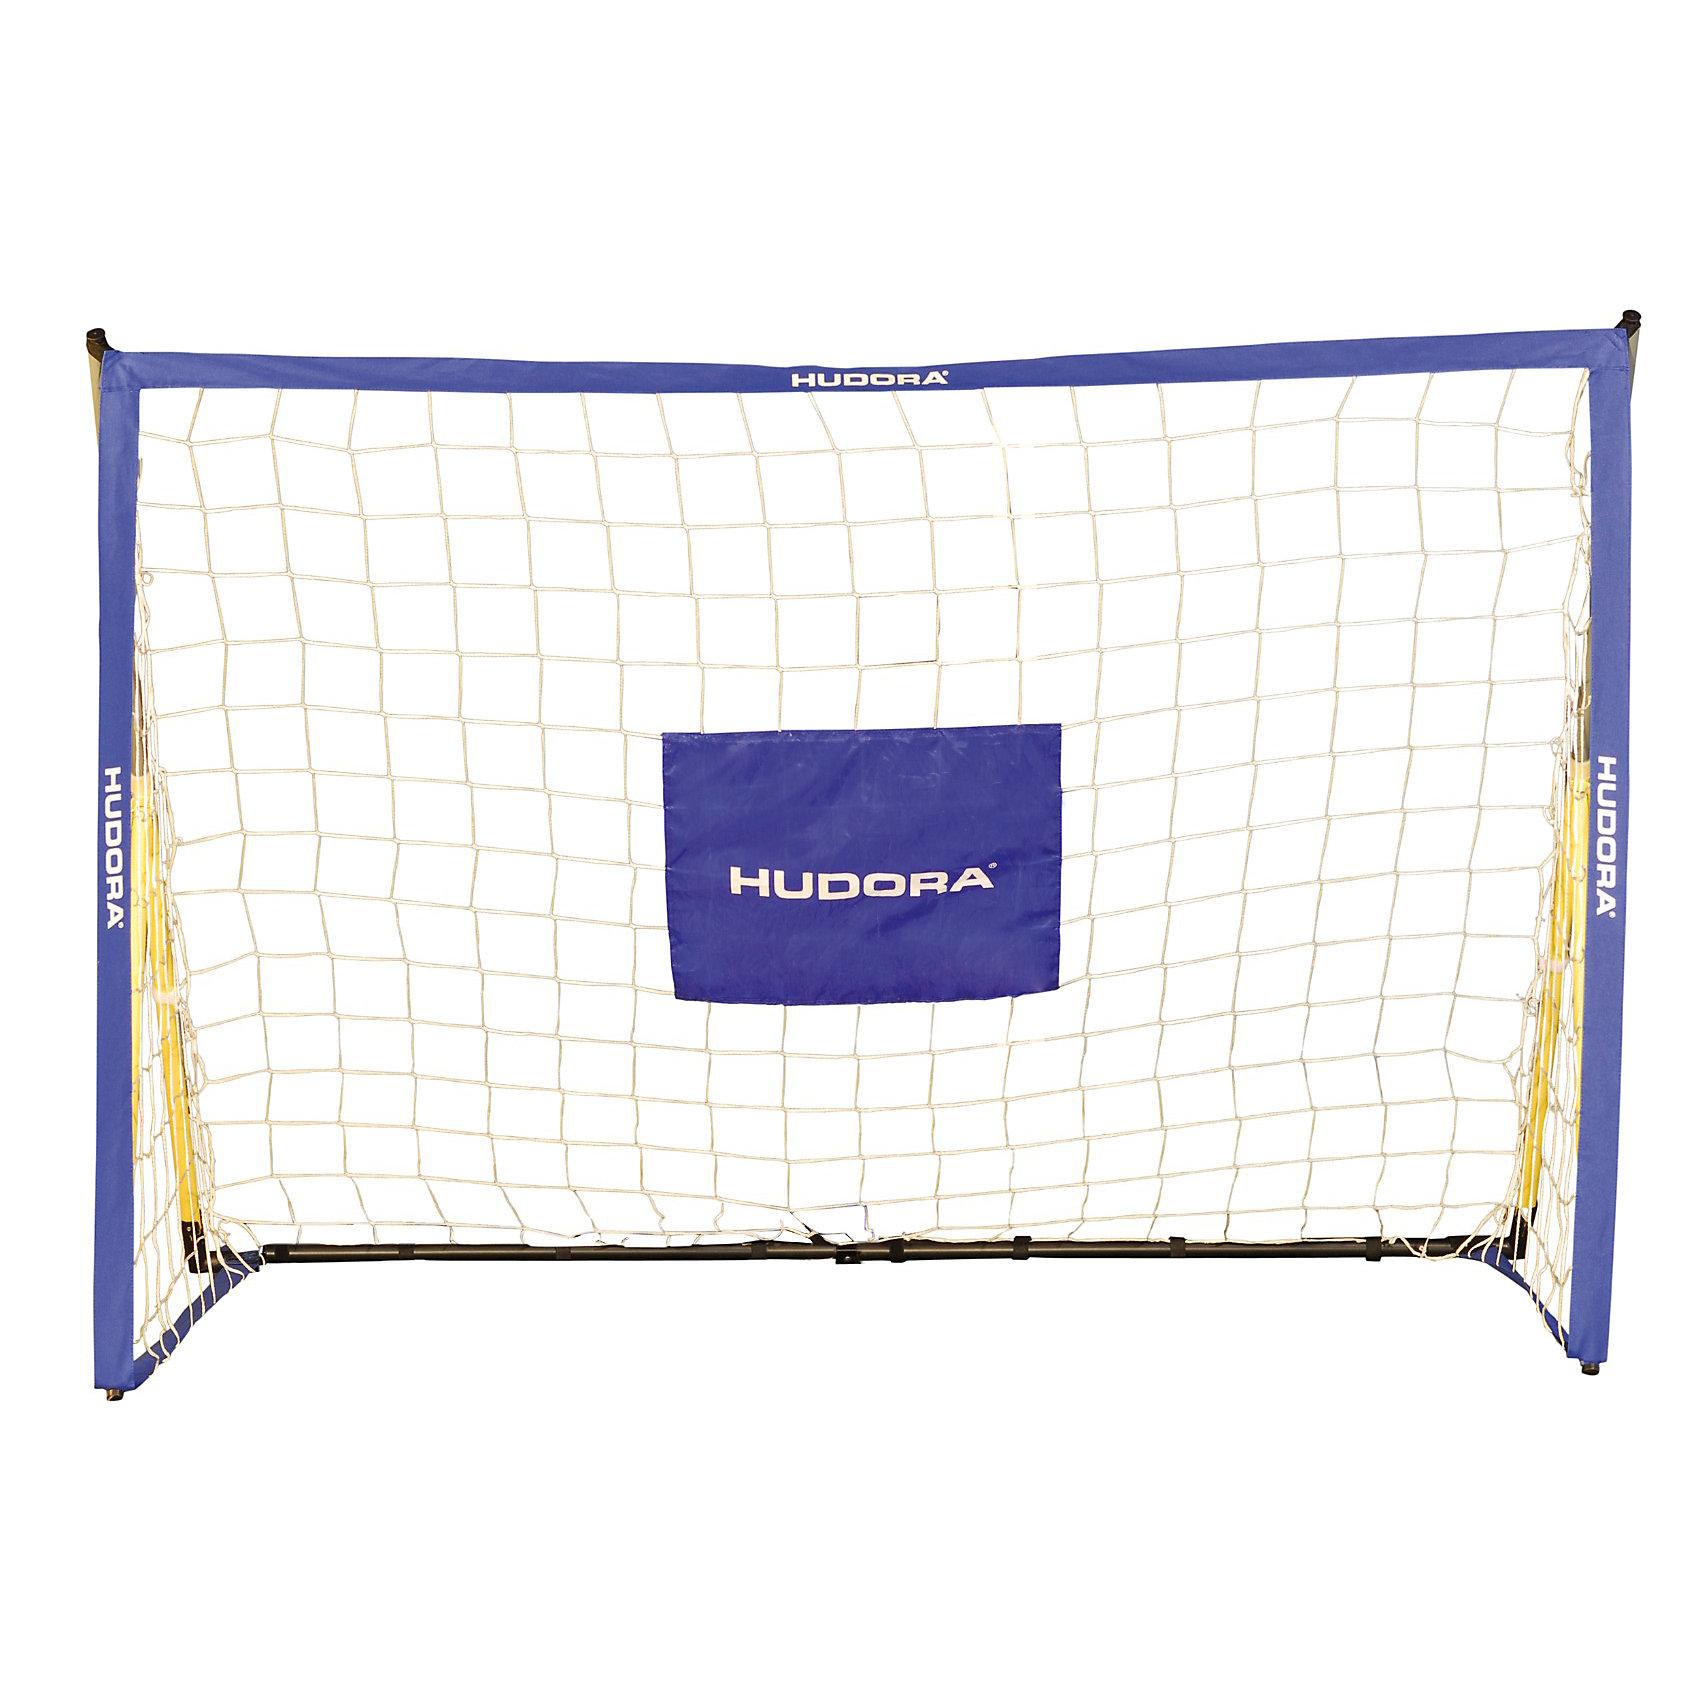 Hudora Футбольные ворота Foldable soccergoal, HUDORA спортивные игровые наборы hudora спортивный игровой набор